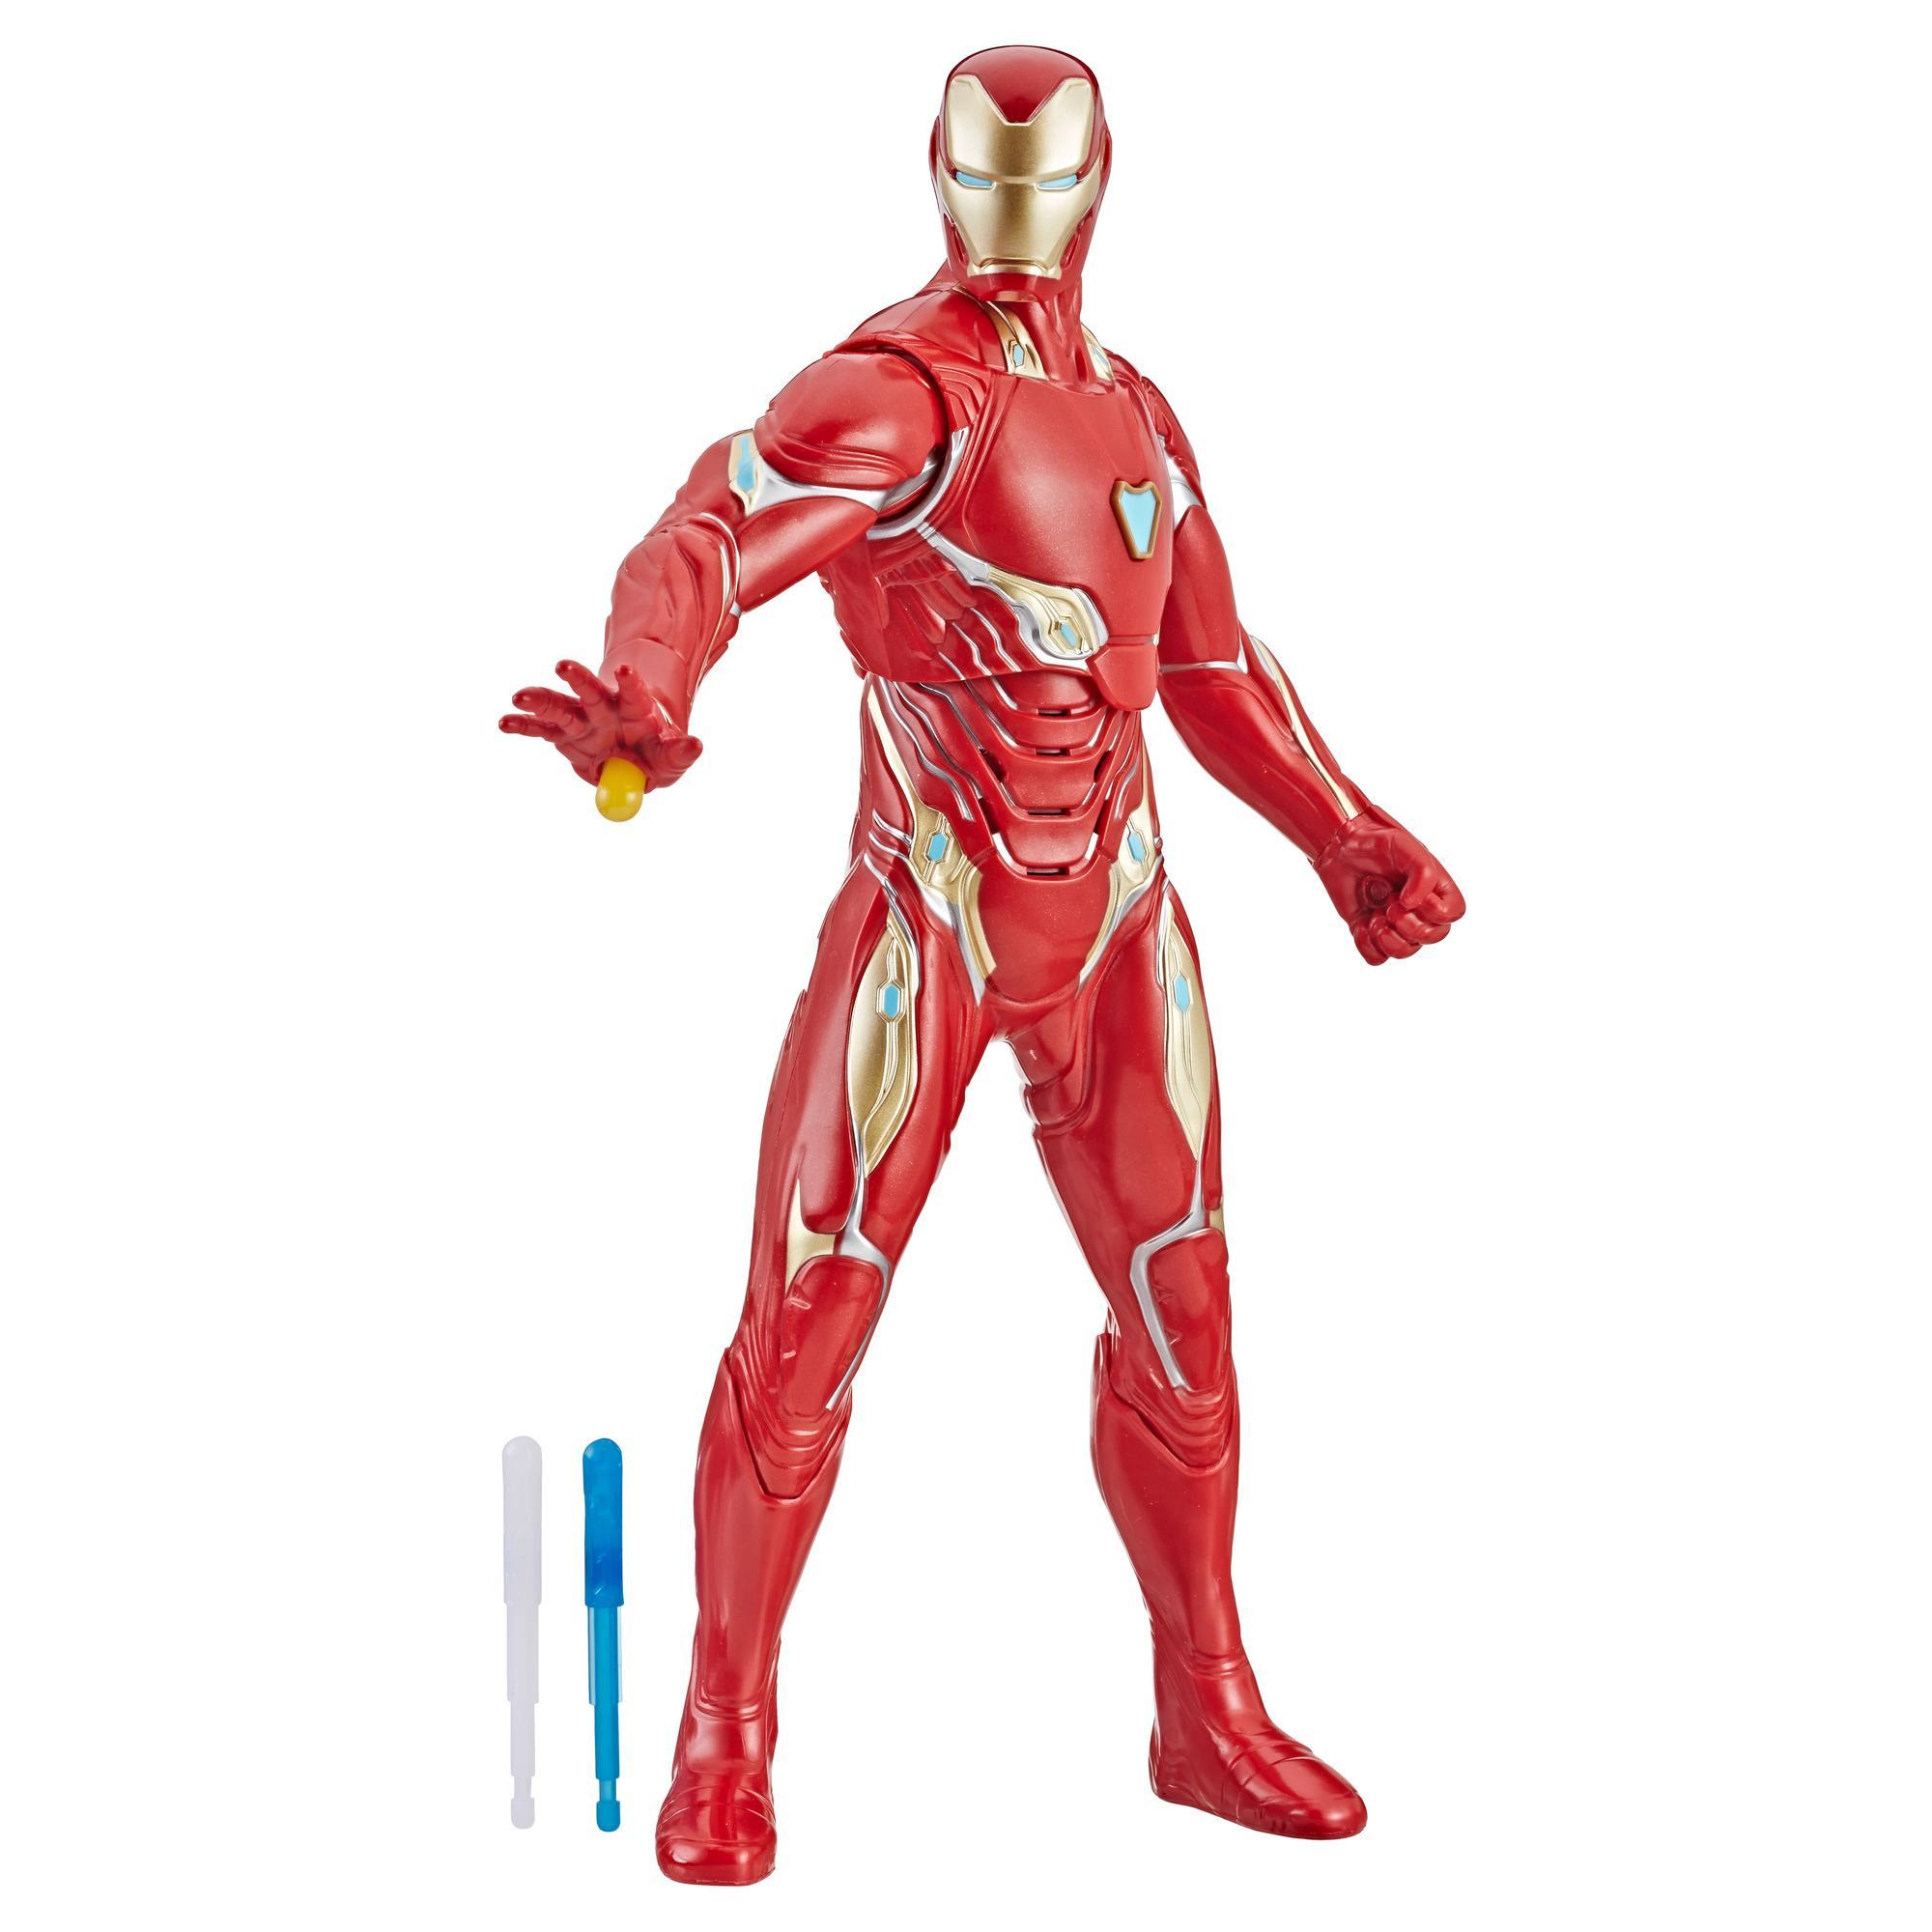 Marvel Avengers: Endgame Repulsor Blast Iron Man 13-Inch Figure